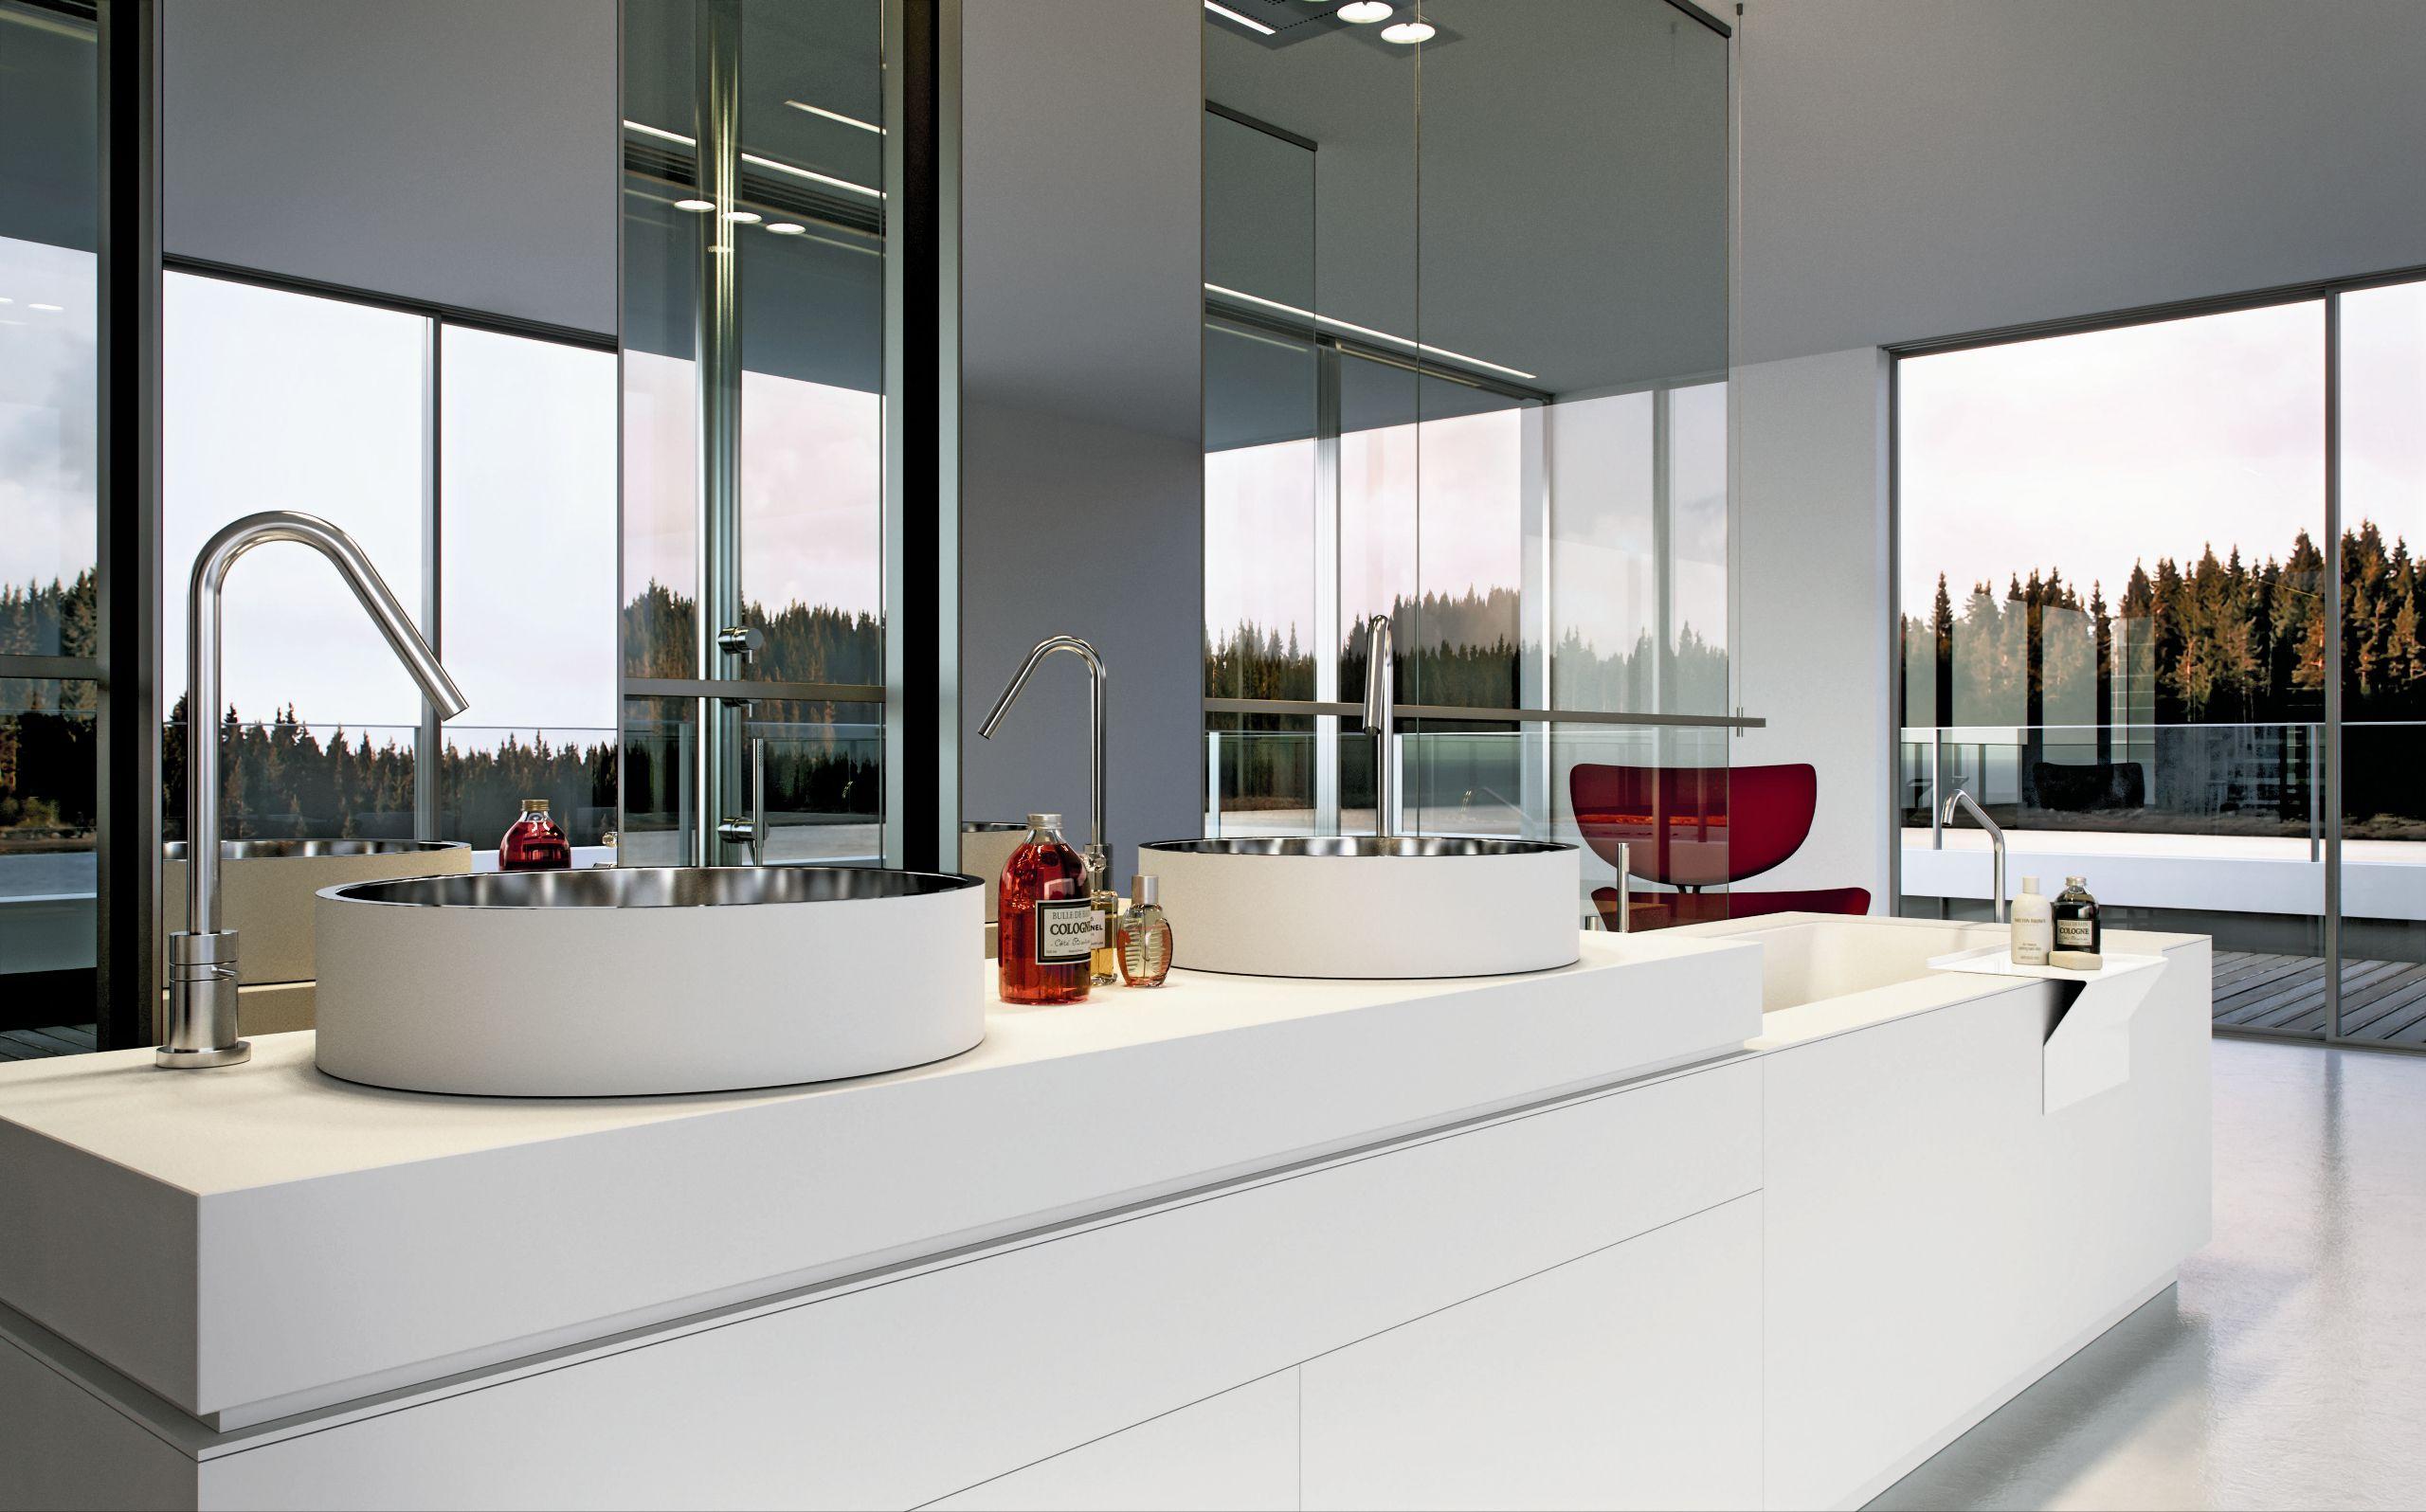 Casa de banho completa BANHEIRA LAVATÓRIO LINEAR 01 by MAKRO design  #67372E 2560 1596